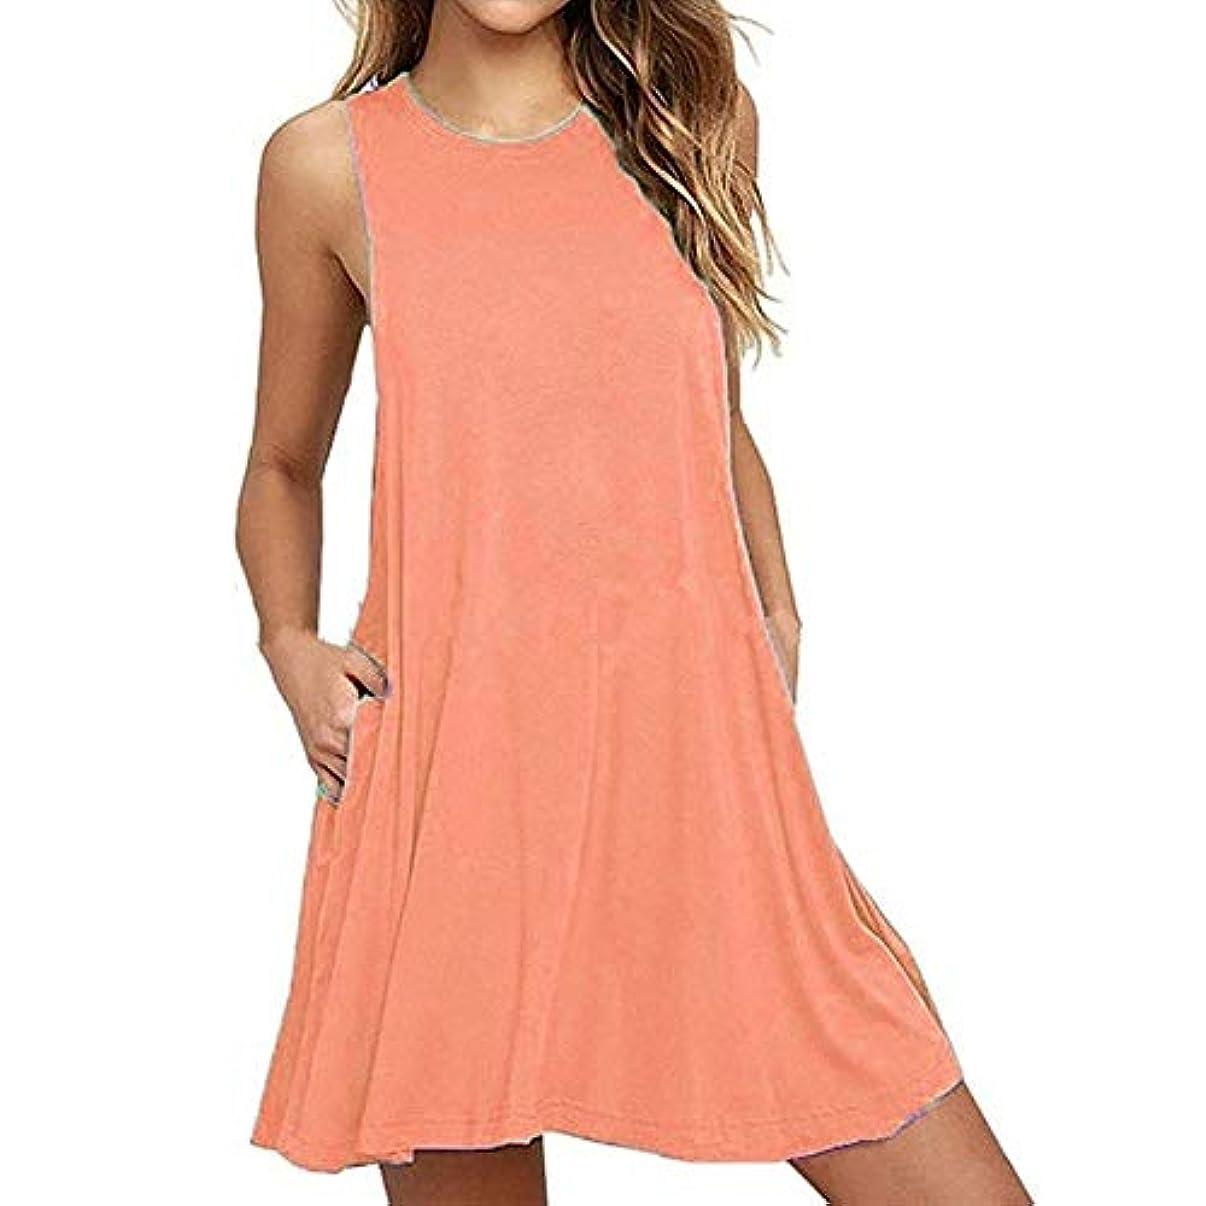 スカイ批判悪意MIFAN 人の女性のドレス、プラスサイズのドレス、ノースリーブのドレス、ミニドレス、ホルタードレス、コットンドレス